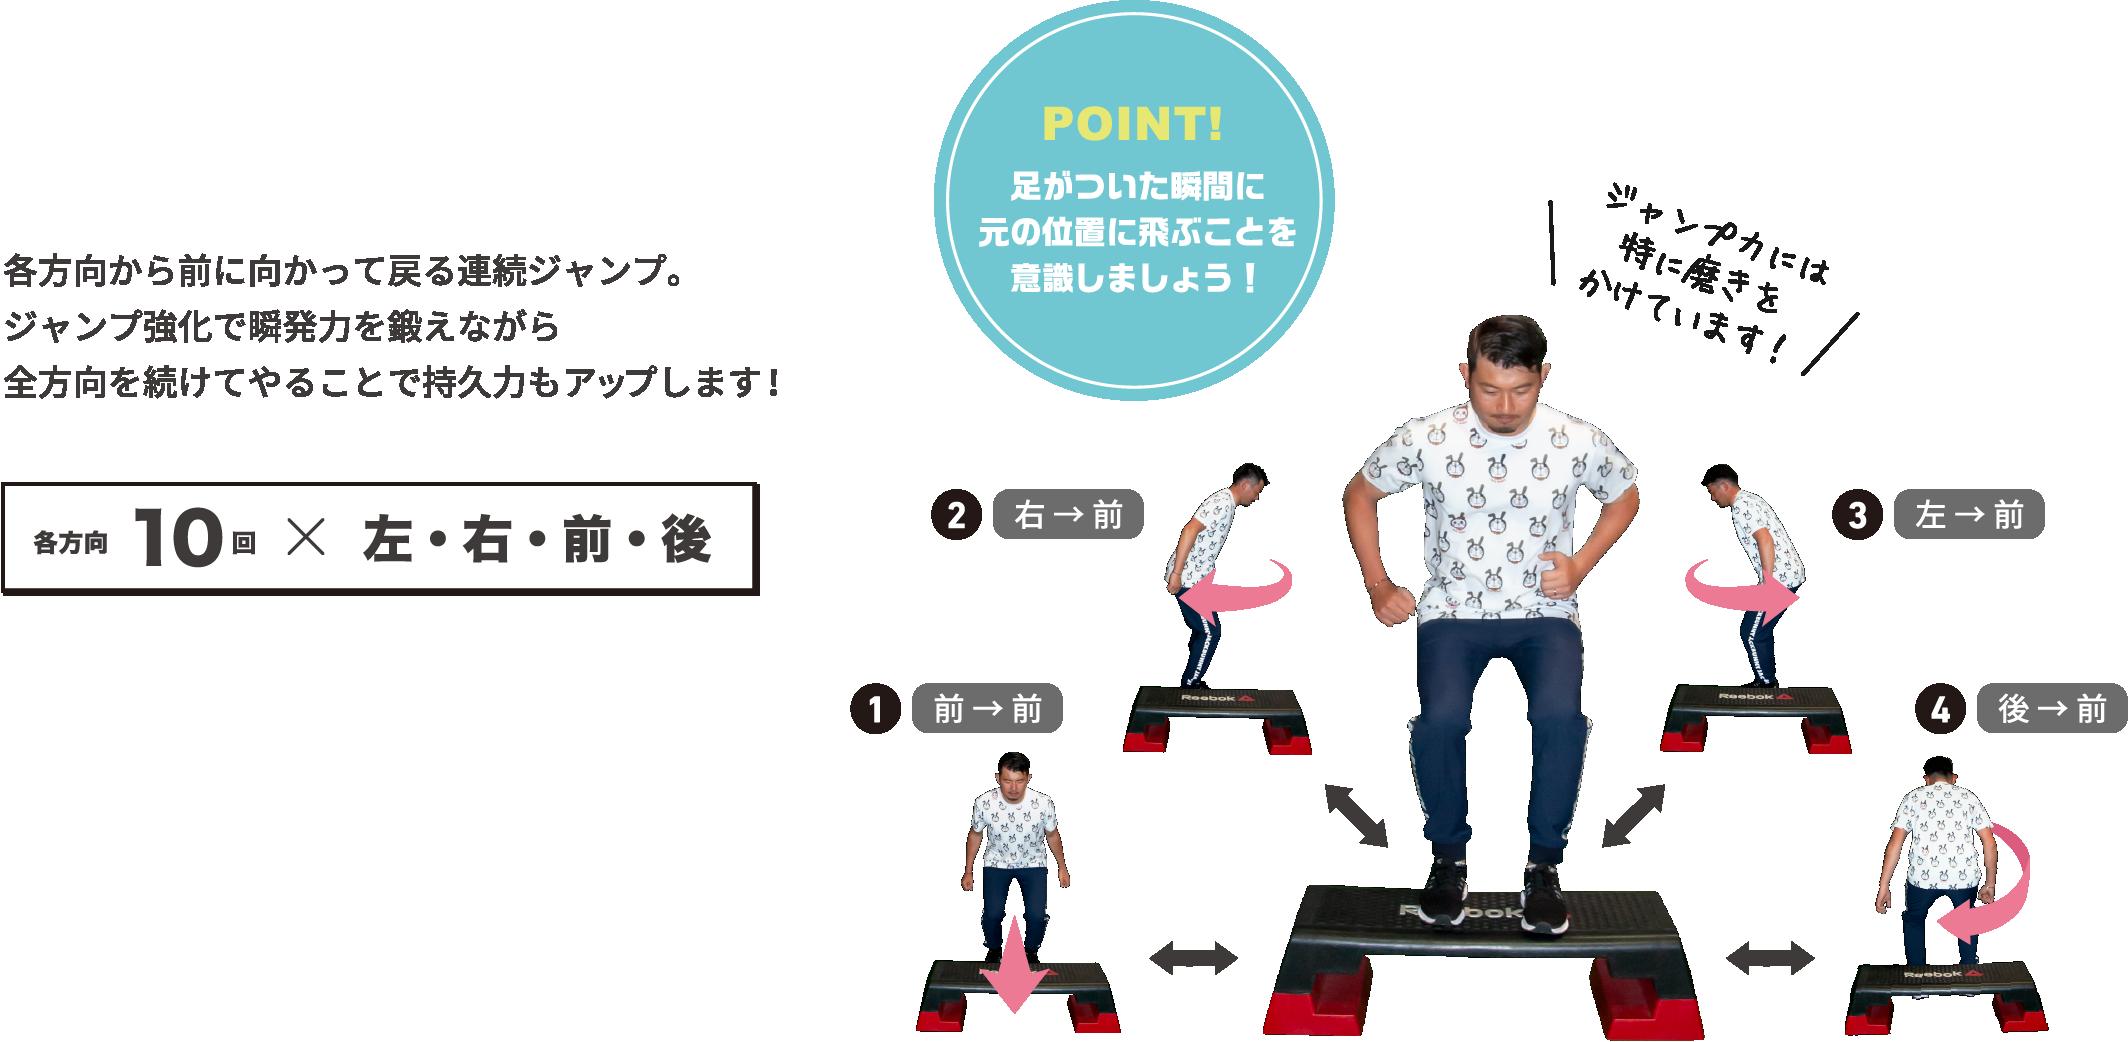 各方向から前に向かって戻る連続ジャンプ。ジャンプ強化で瞬発力を鍛えながら全方向を続けてやることで持久力もアップします!